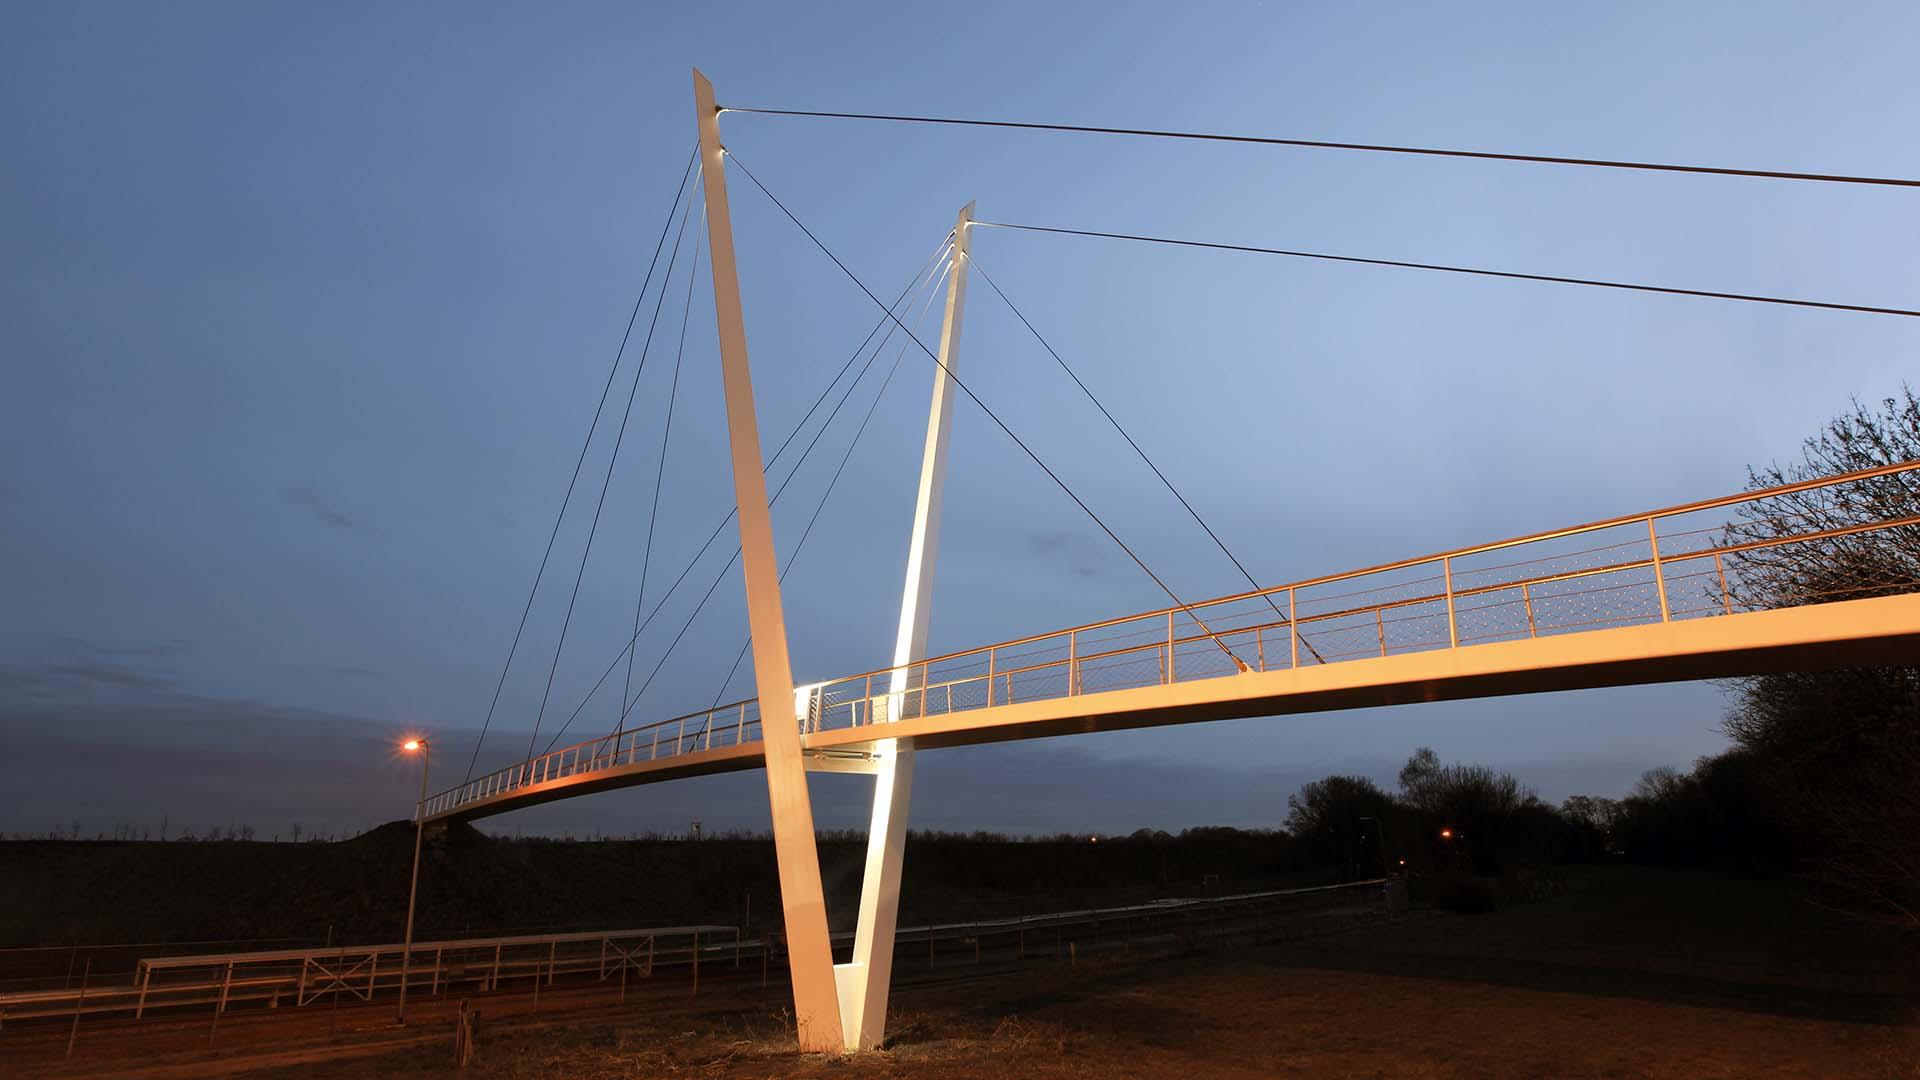 brug Stein Heidekamppark, pyloonbrug, brugontwerp door ipv Delft, nacht